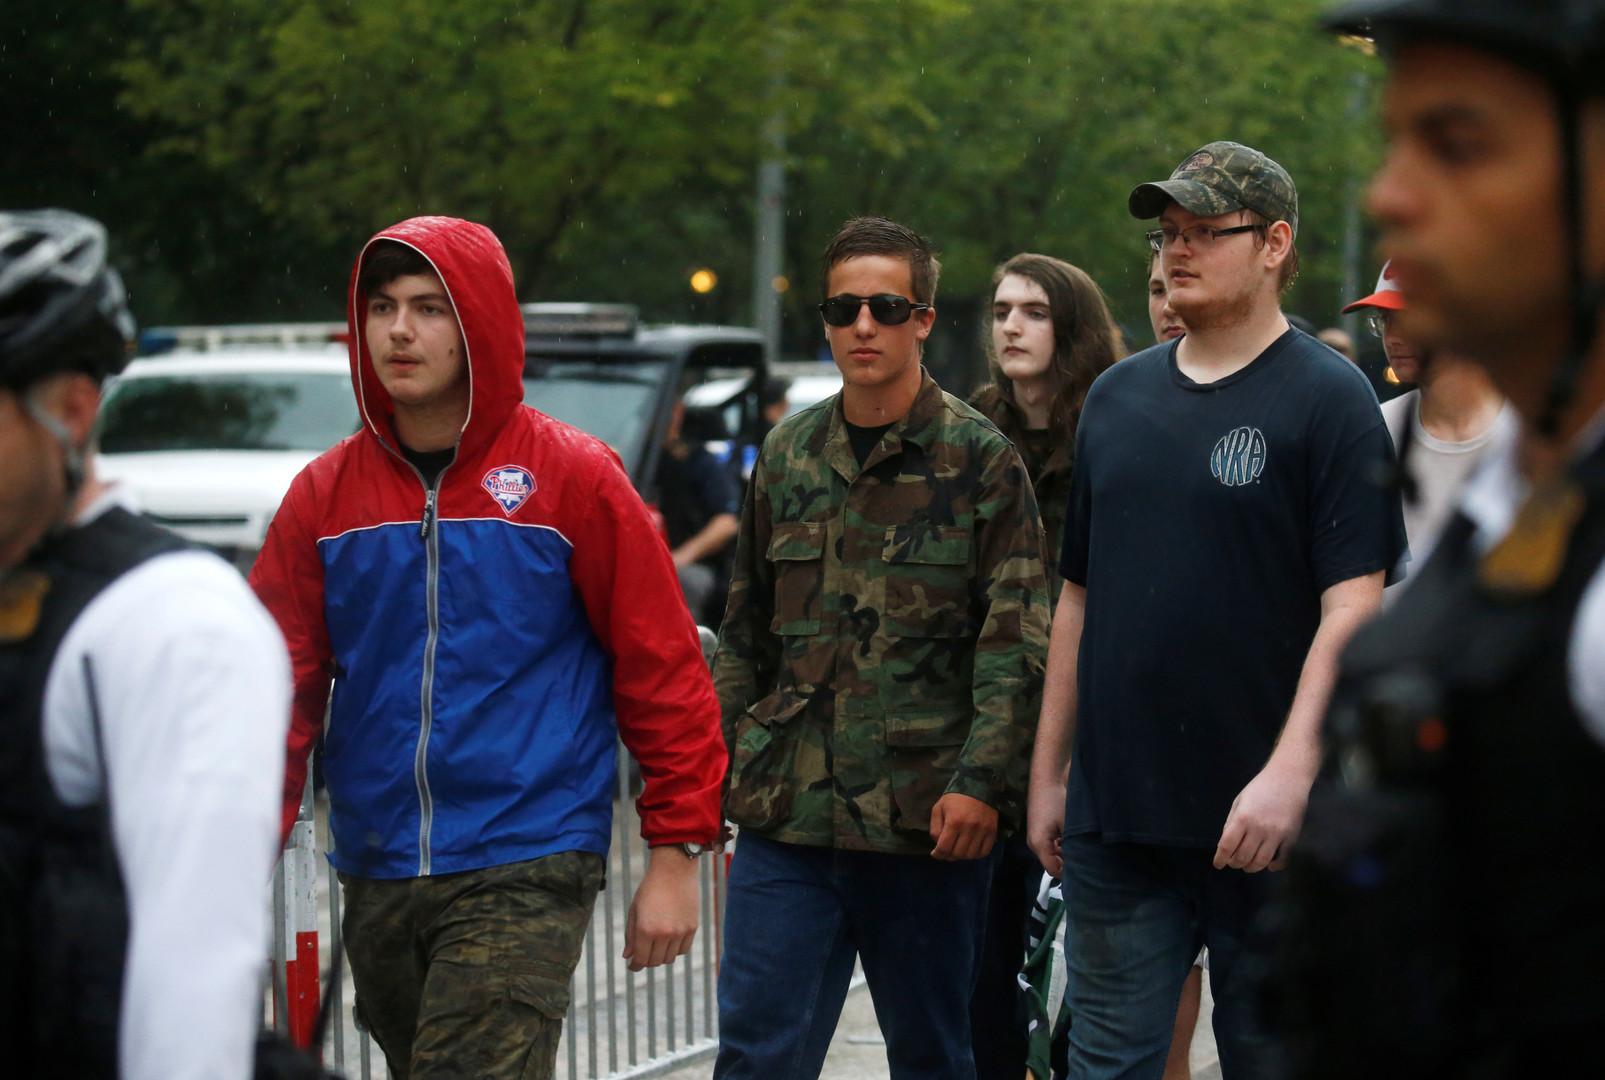 """Teilnehmer der """"Weißen Nationalisten"""", Washington, USA, 12. August 2018."""